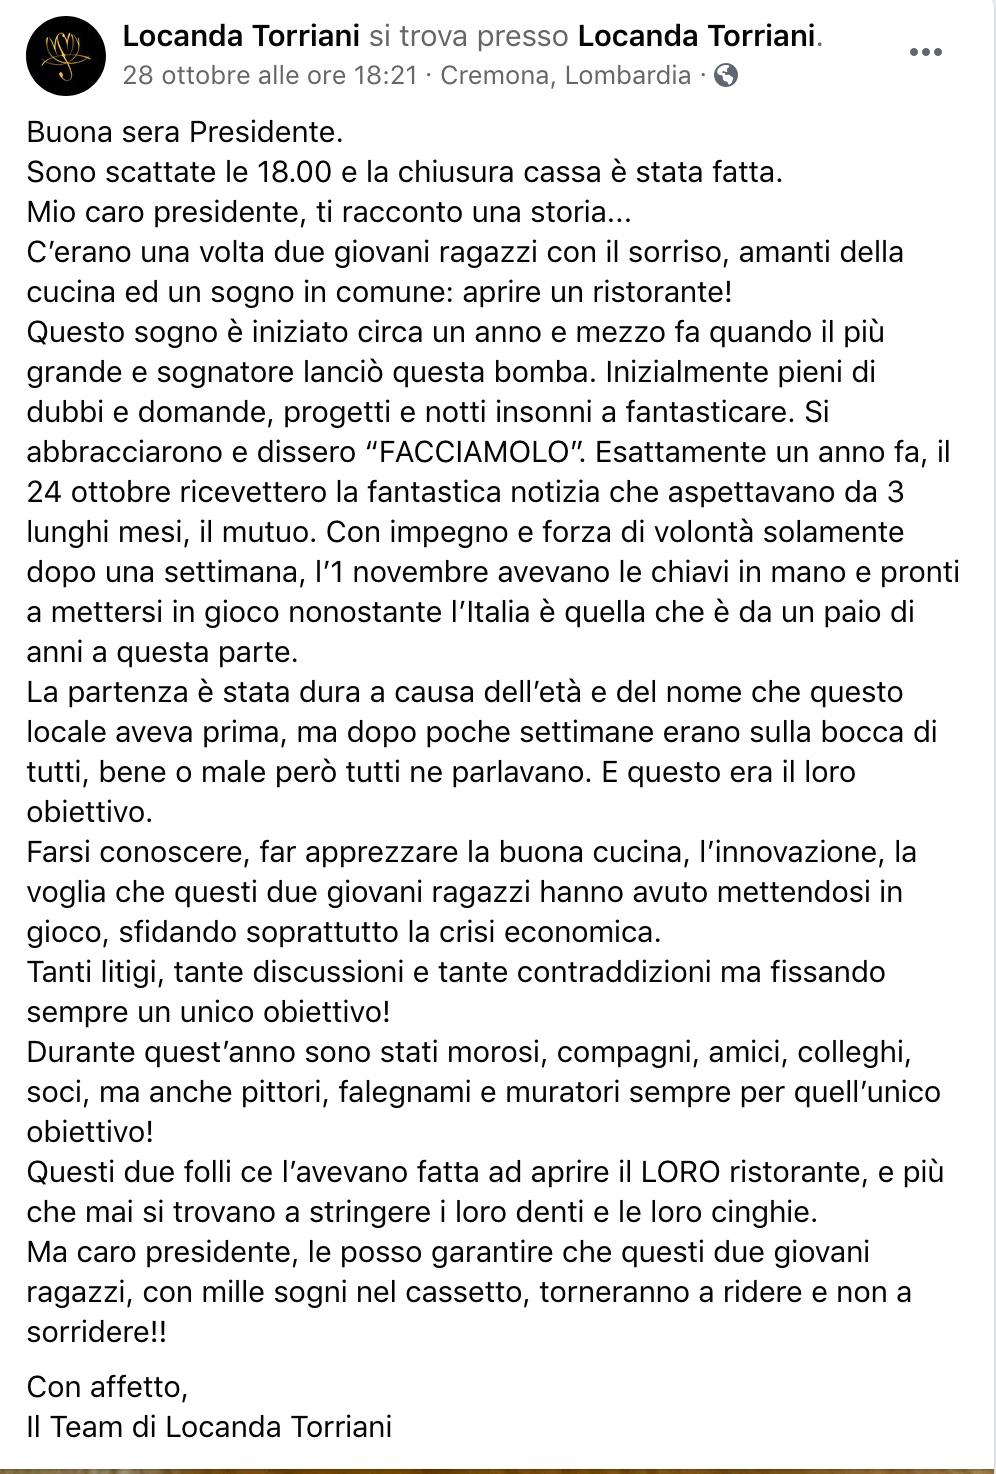 Locanda Torriani Cremona